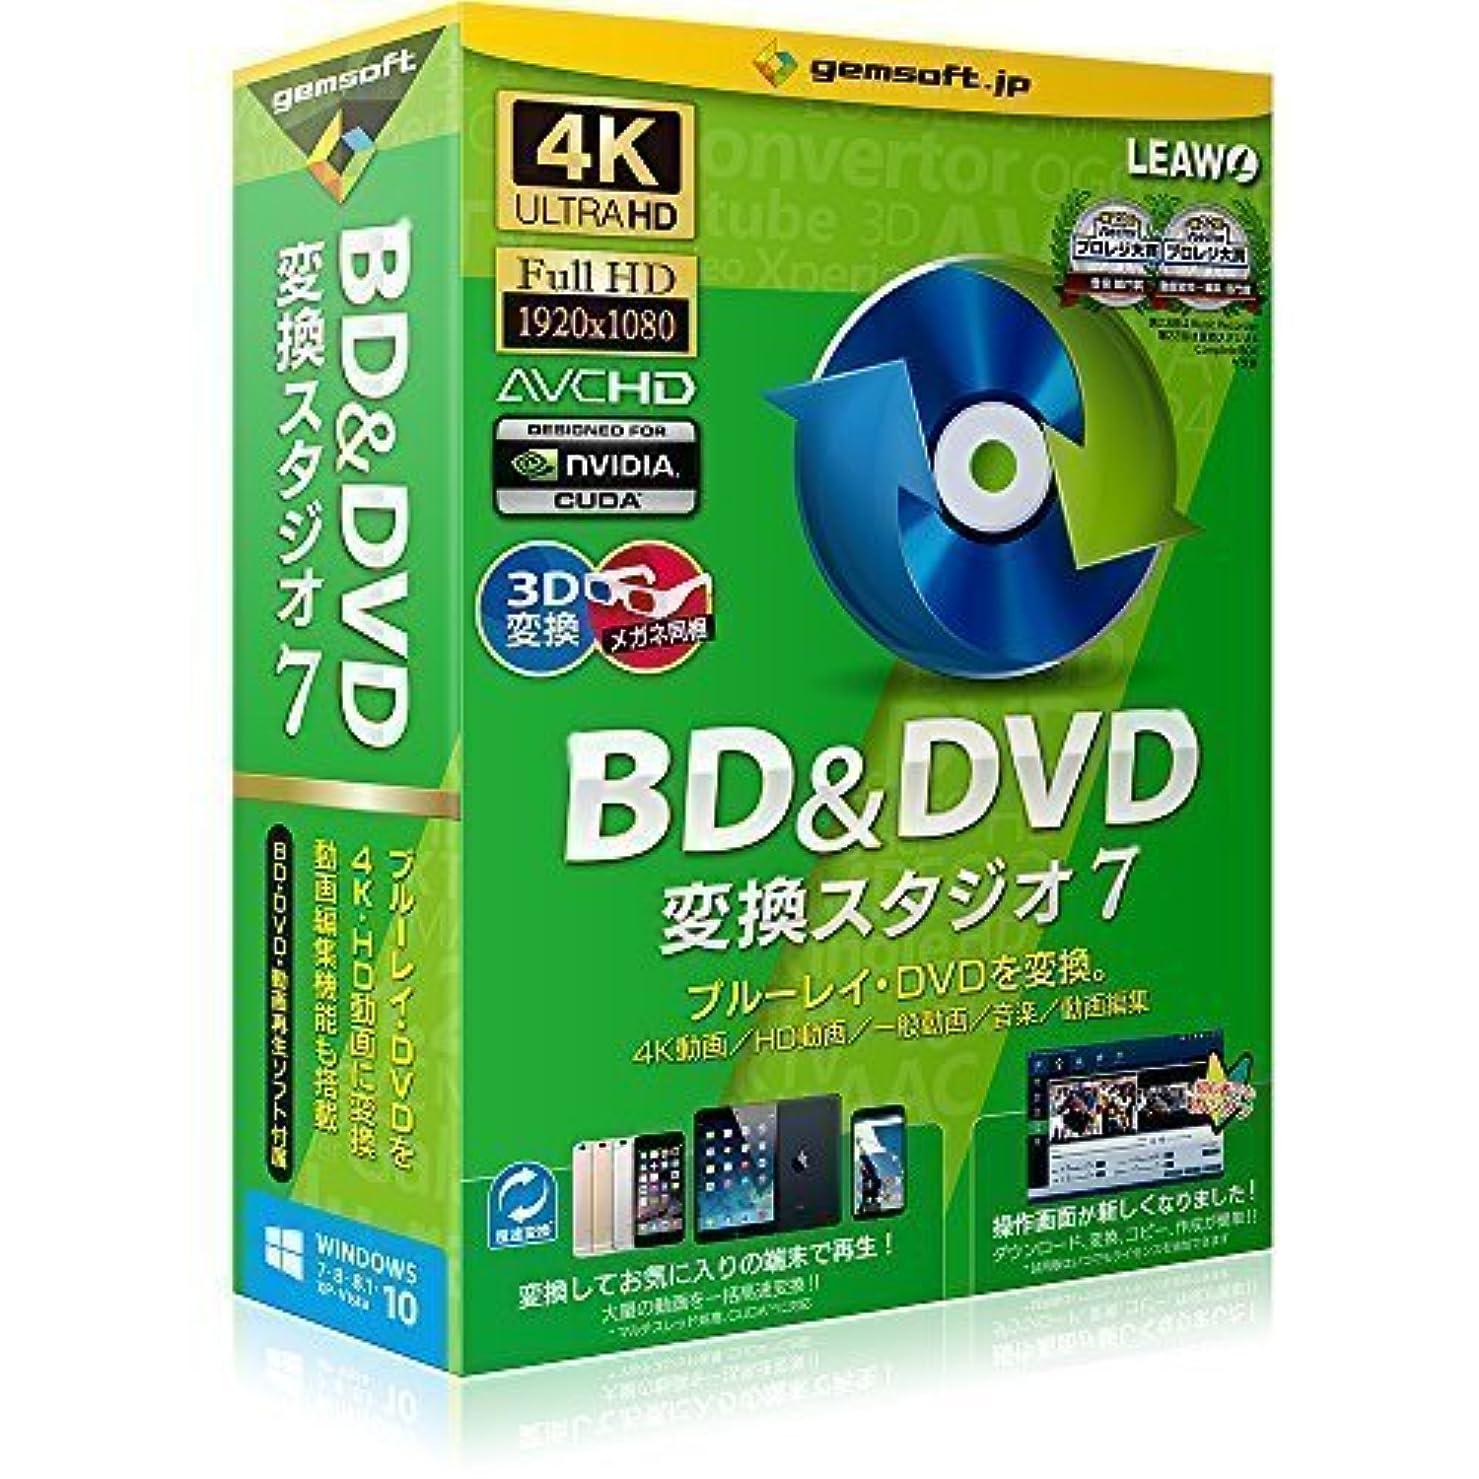 突進感謝祭気まぐれなBD&DVD 変換スタジオ7 | 変換スタジオ7シリーズ | ボックス版 | Win対応